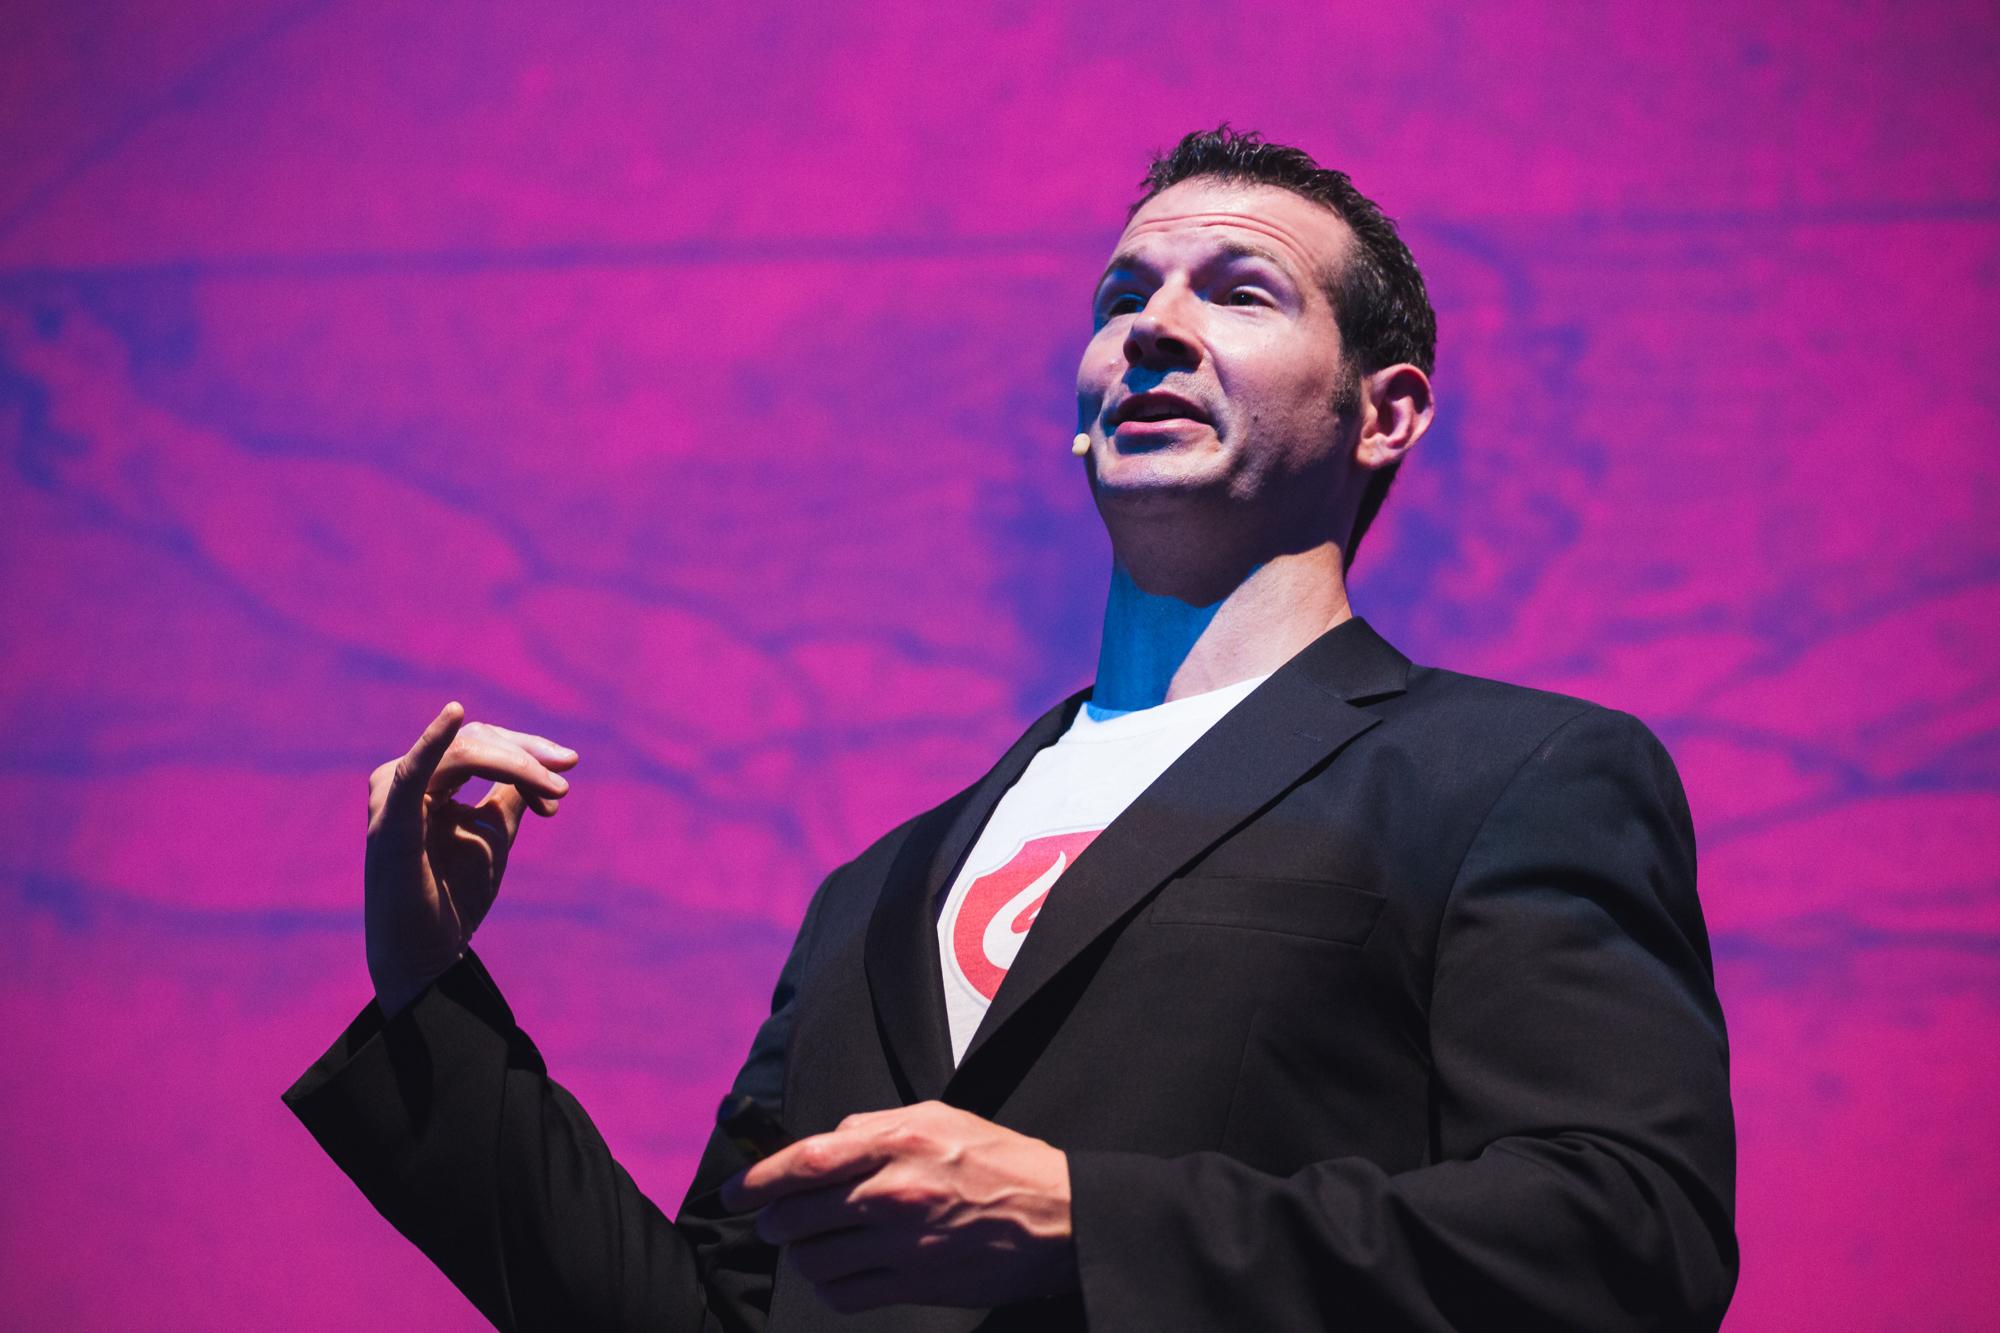 Скопје домаќин на еден од најиновативните претприемачи во светот - Гери Вајтхил